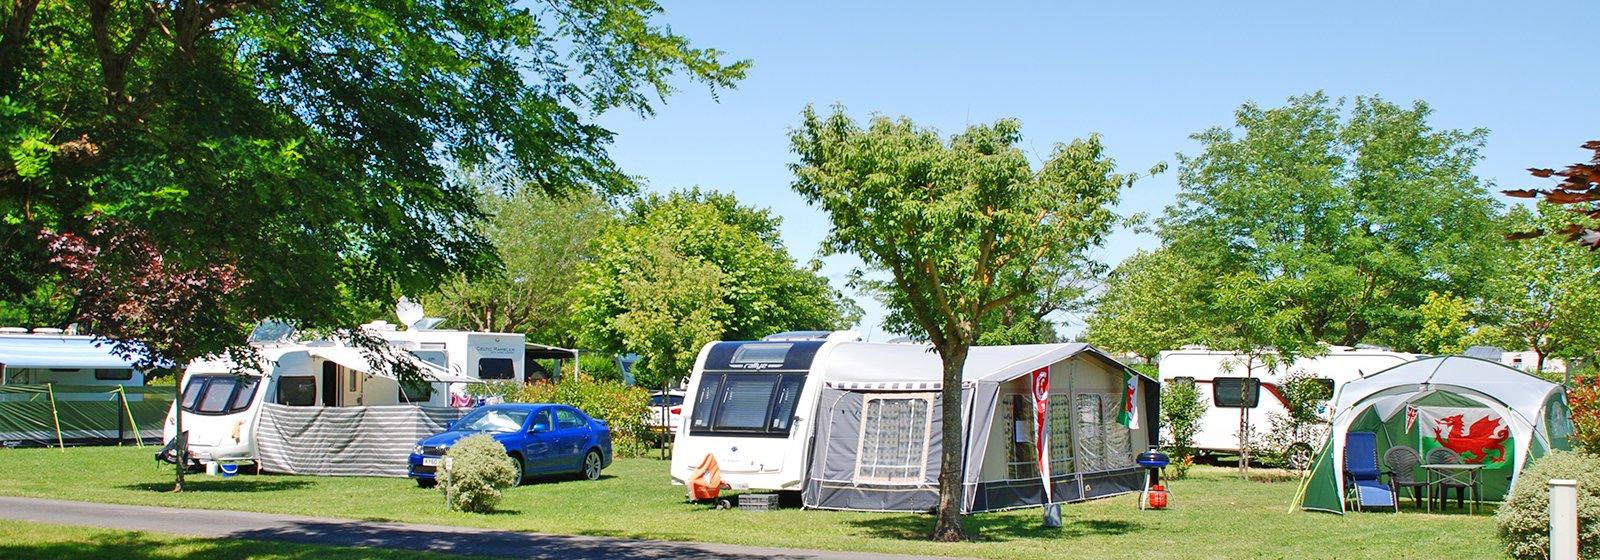 Camping sans branchement de l'eau